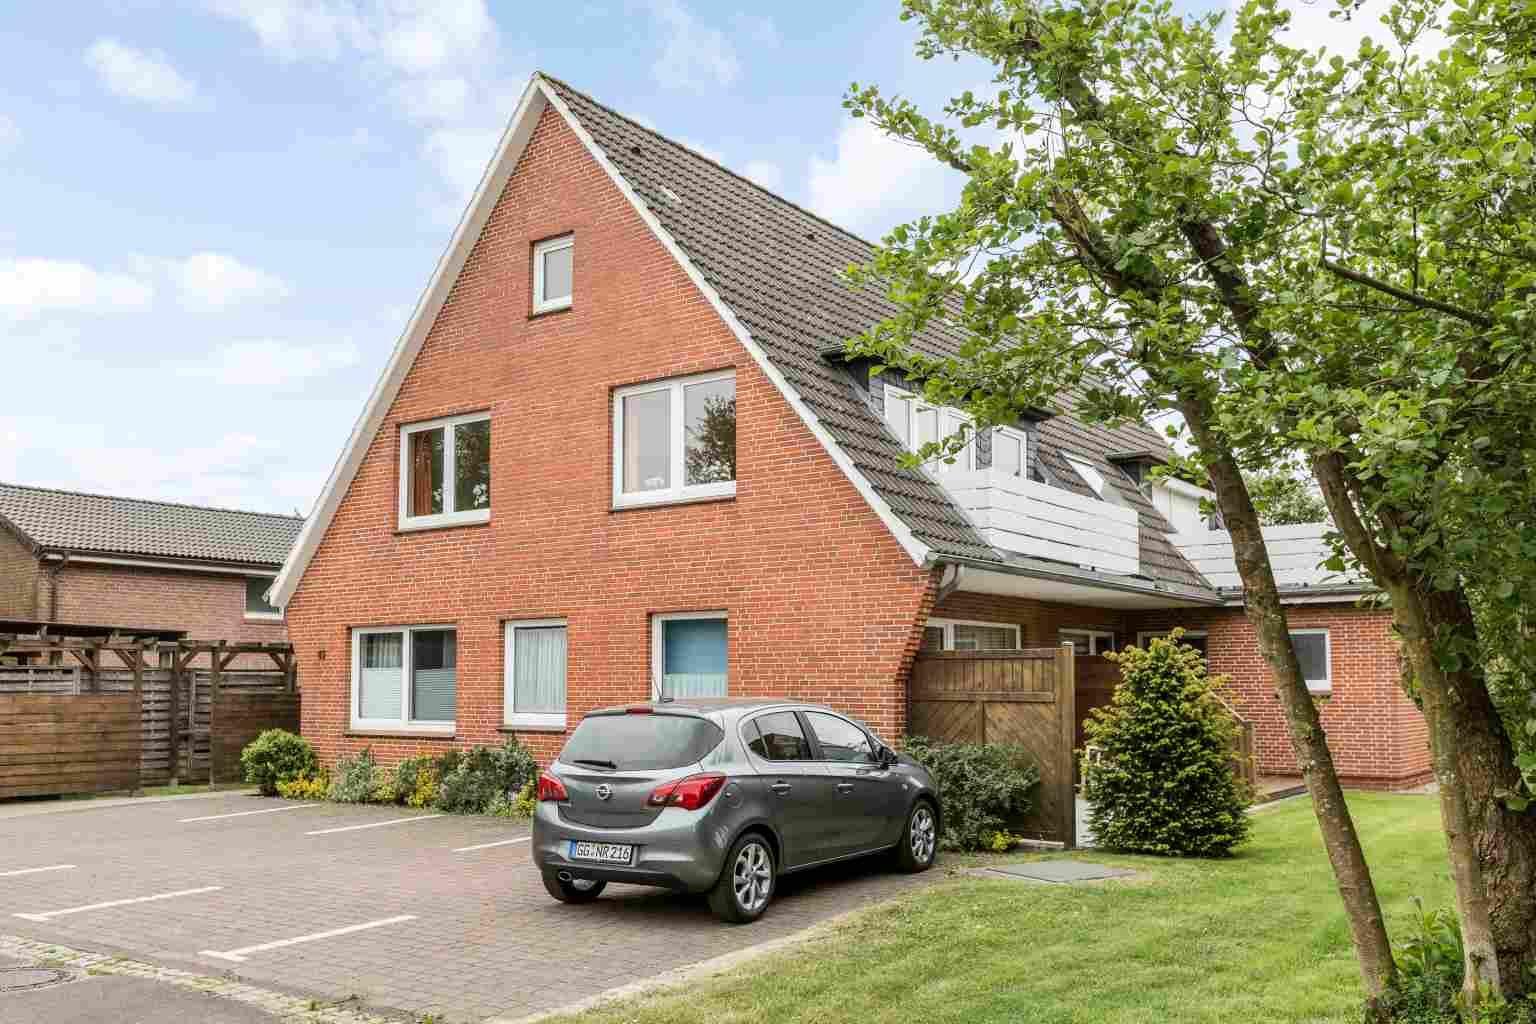 Aussenansicht - St Peter Ording Boehl, Haus Kuhsteig 15, Wohnung EG Lebender